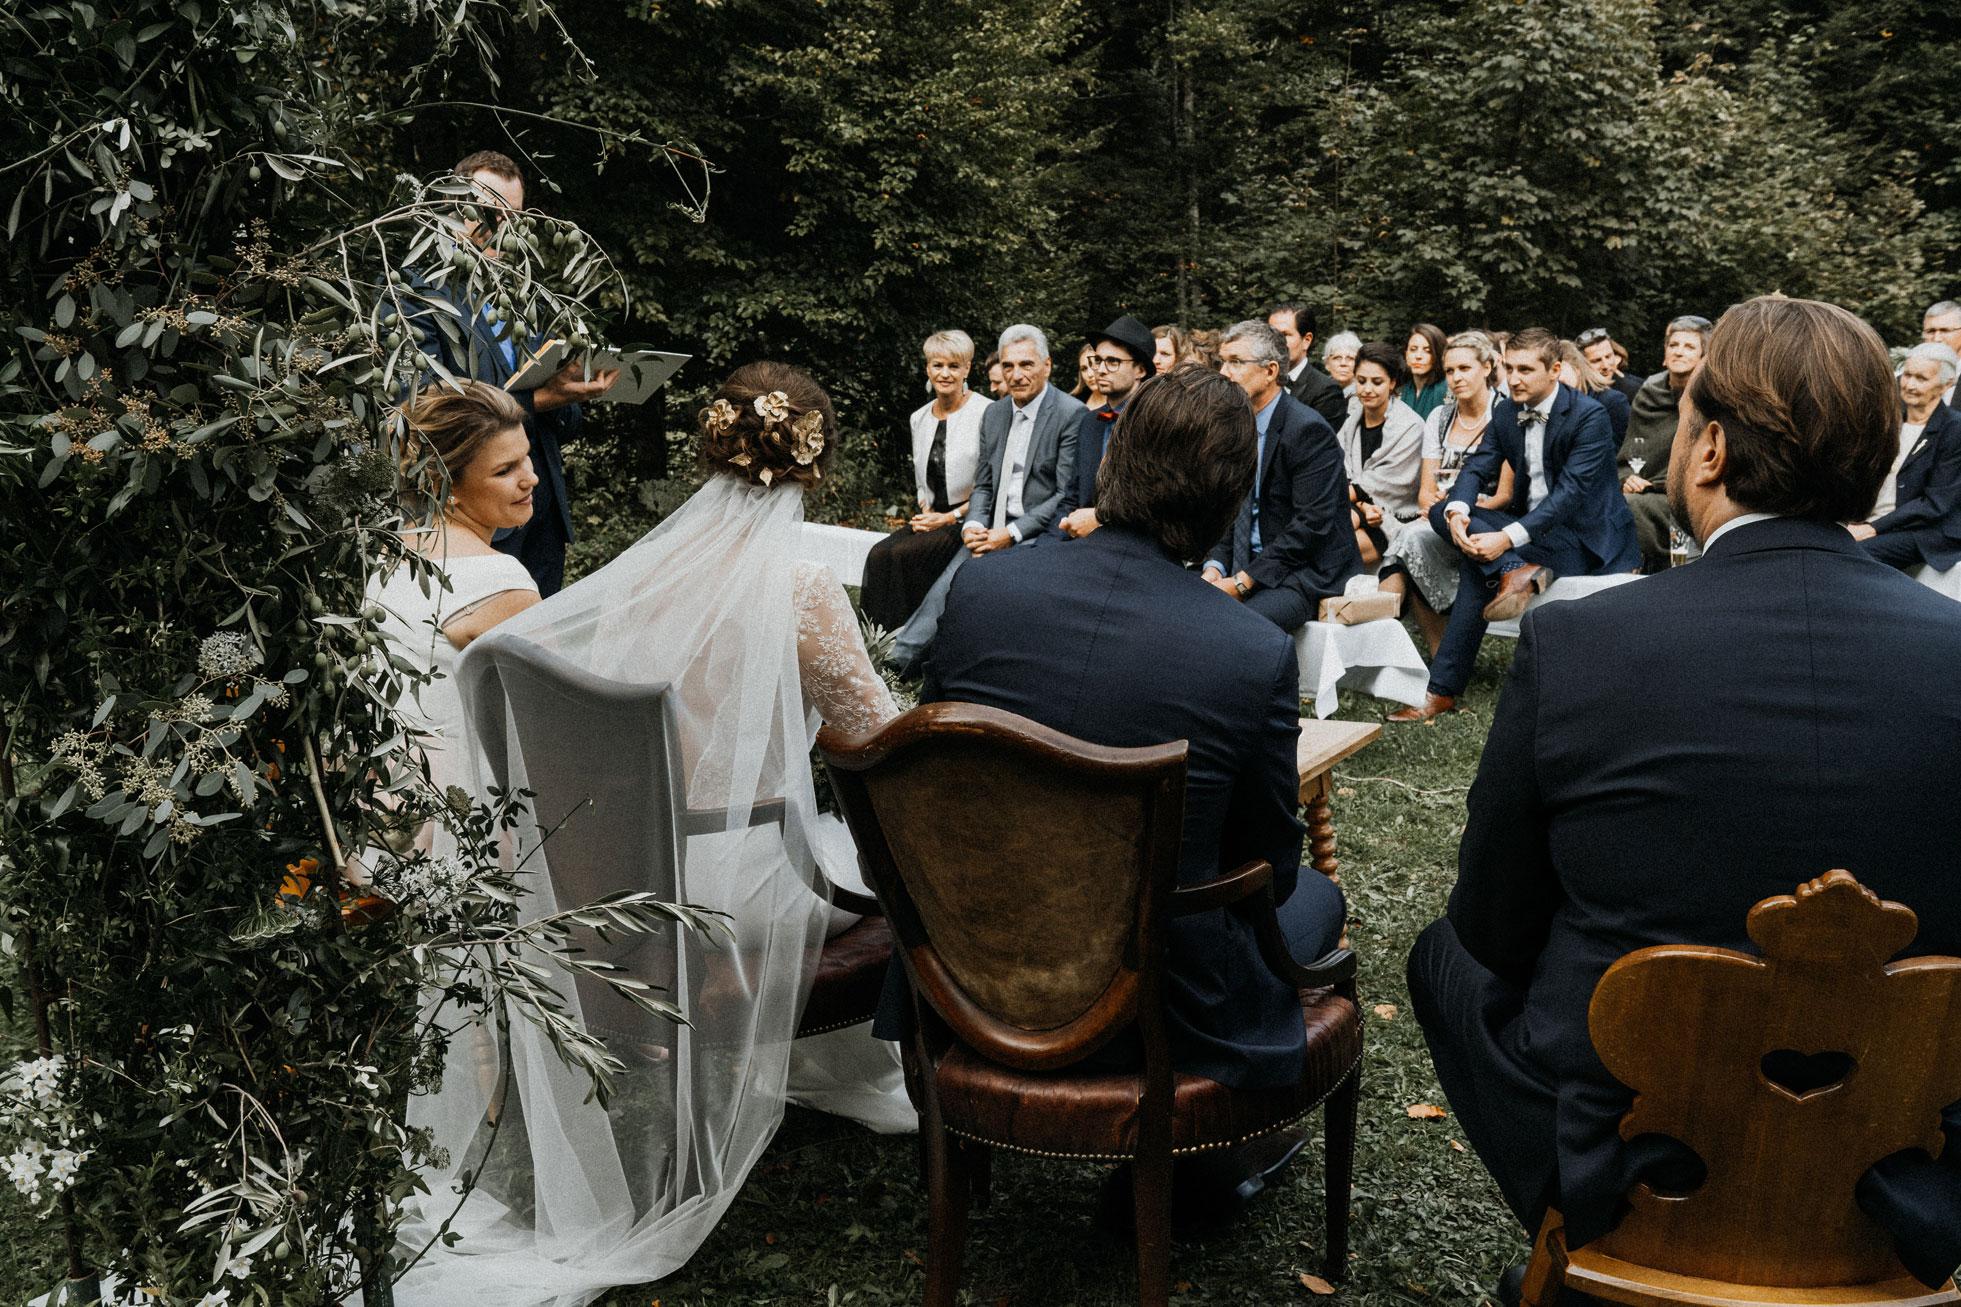 Hochzeit_Claire_Manuel_Villa_Maund_Daniel_Jenny-123.jpg